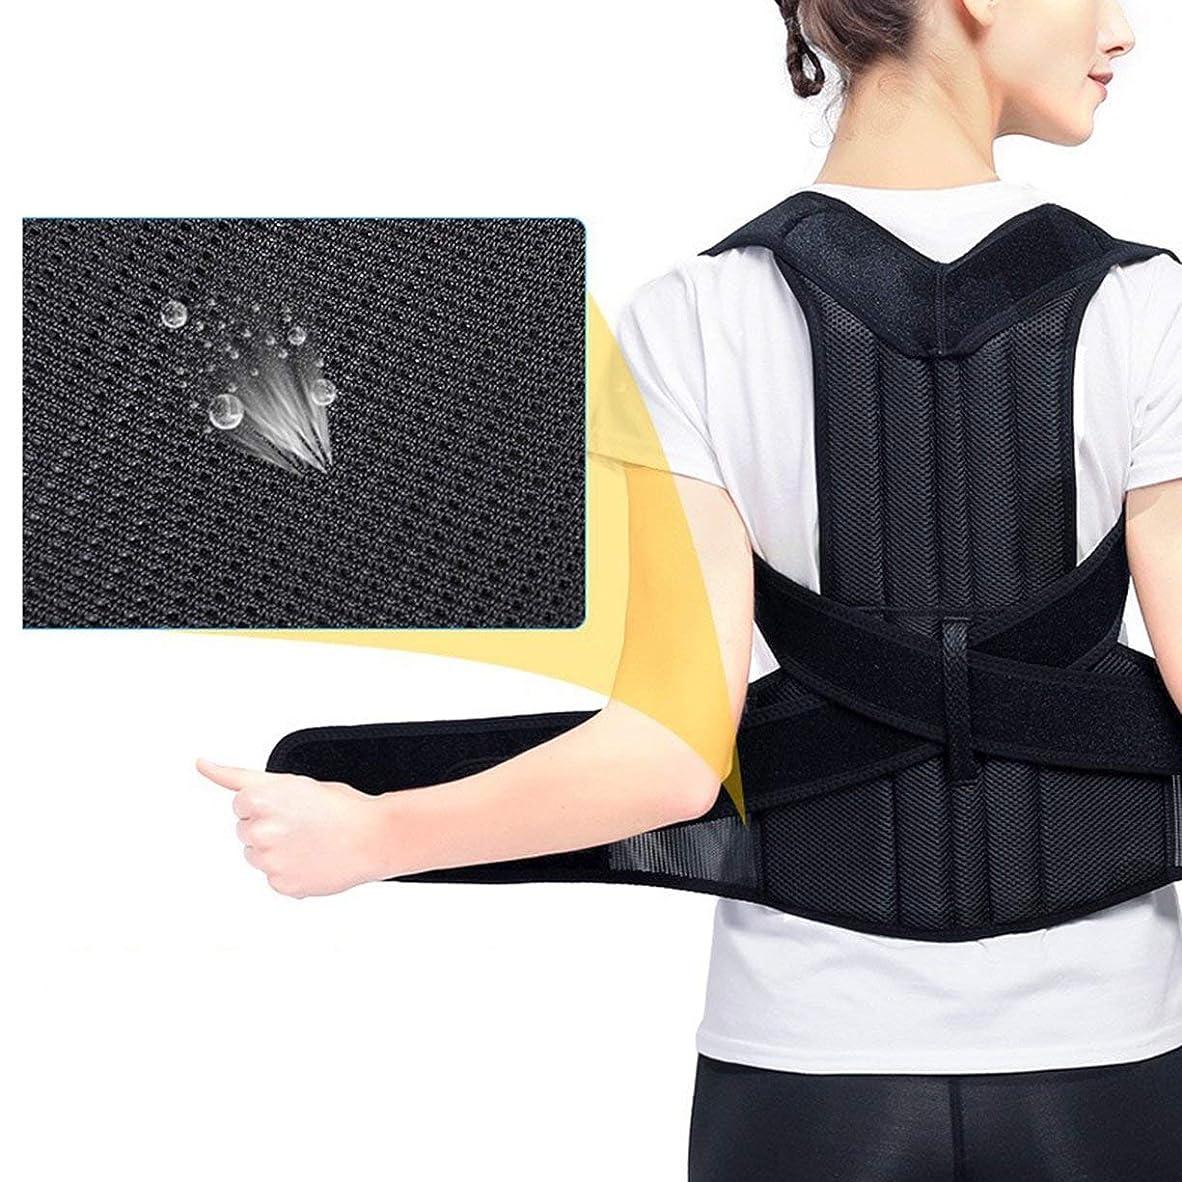 もの魅力的であることへのアピールクスコ腰椎矯正バックブレース背骨装具側弯症腰椎サポート脊椎湾曲装具固定用姿勢 - 黒